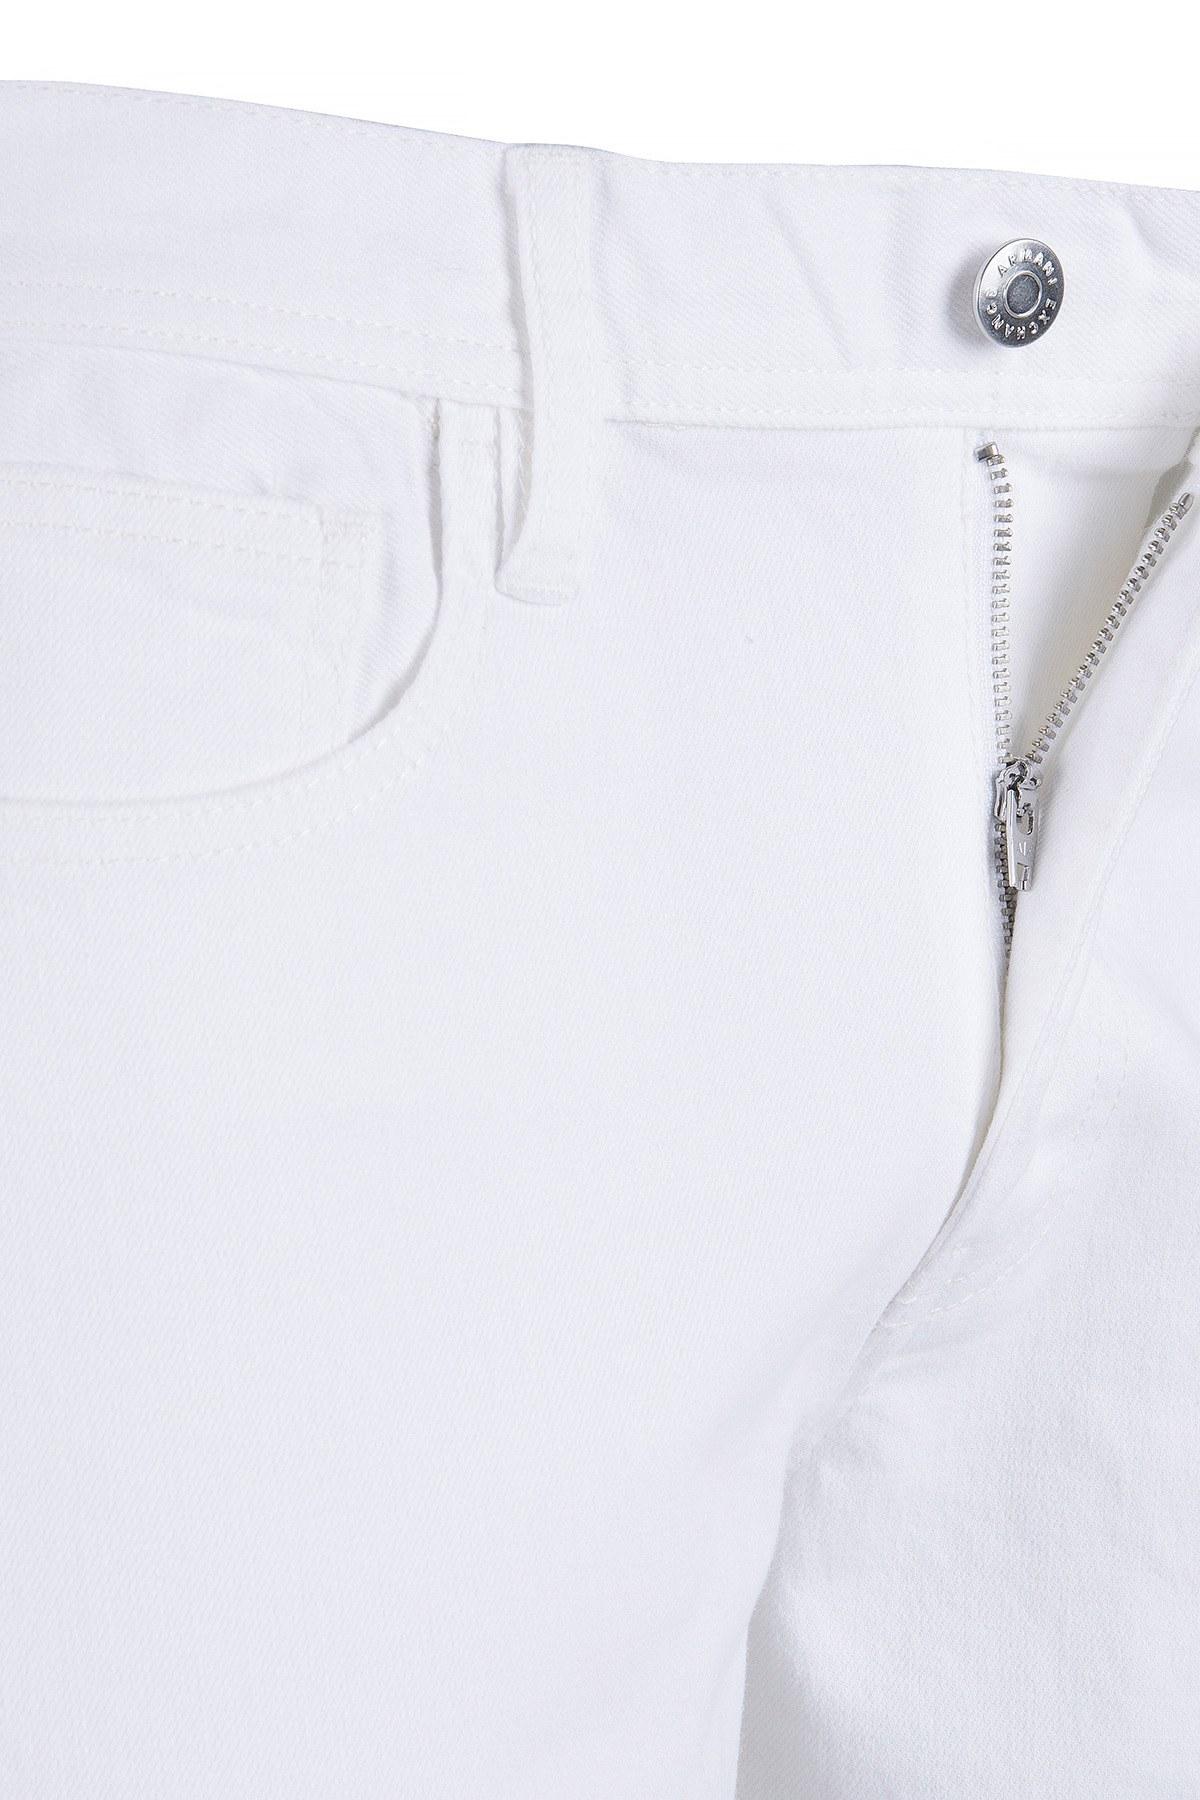 ARMANI EXCHANGE J16 JEANS Erkek Kot Pantolon 8NZJ16 Z3CAZ 1100 BEYAZ